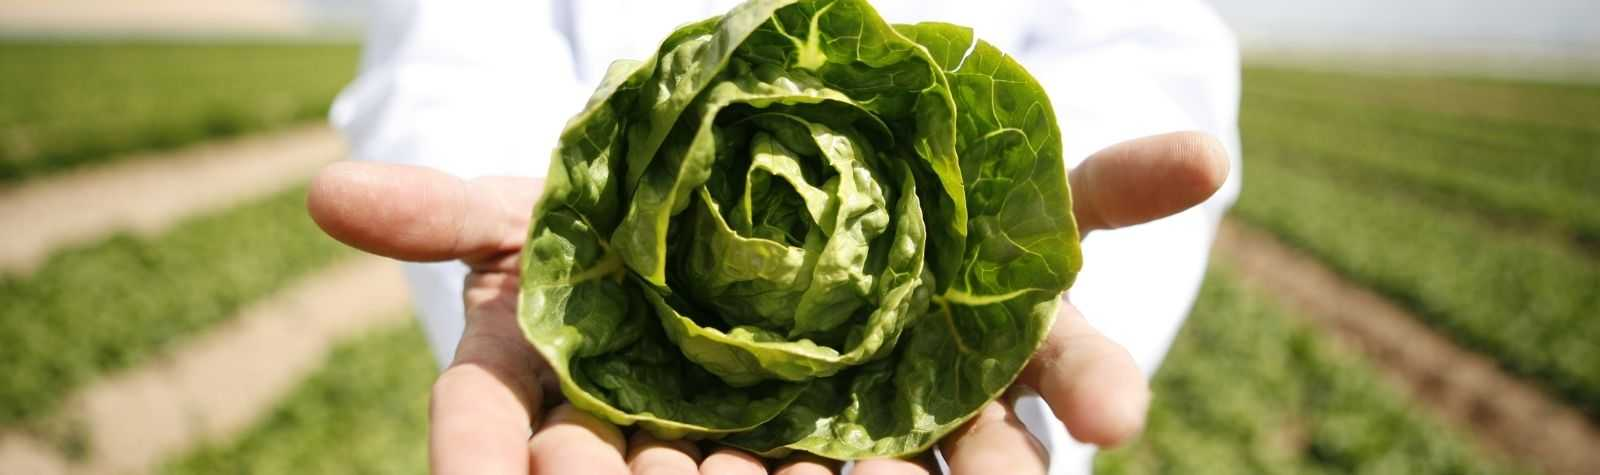 Avanzar en la economía circular, objetivo para el sector hortofrutícola